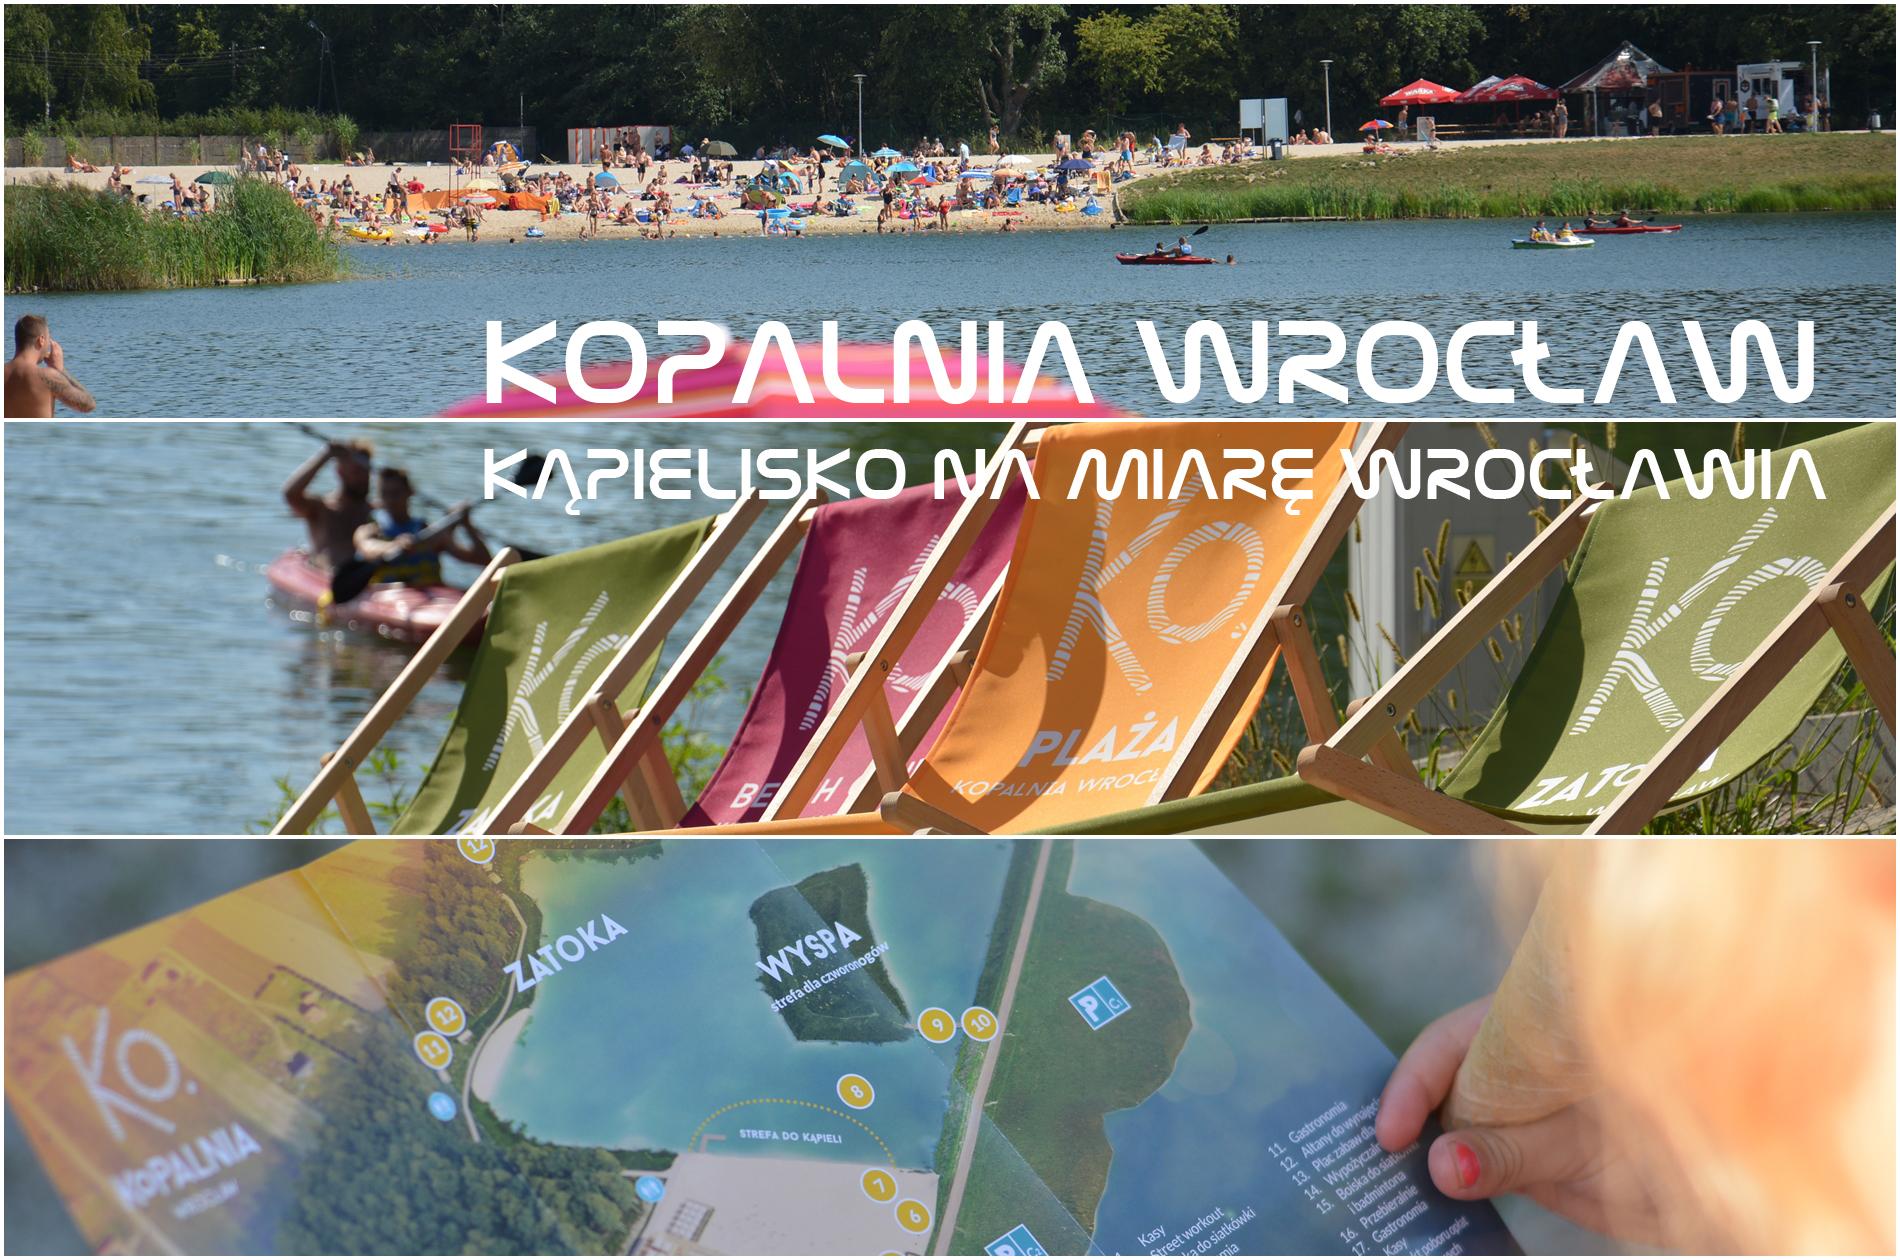 Kopalnia Wrocław - najlepsze kąpielisko we Wrocławiu